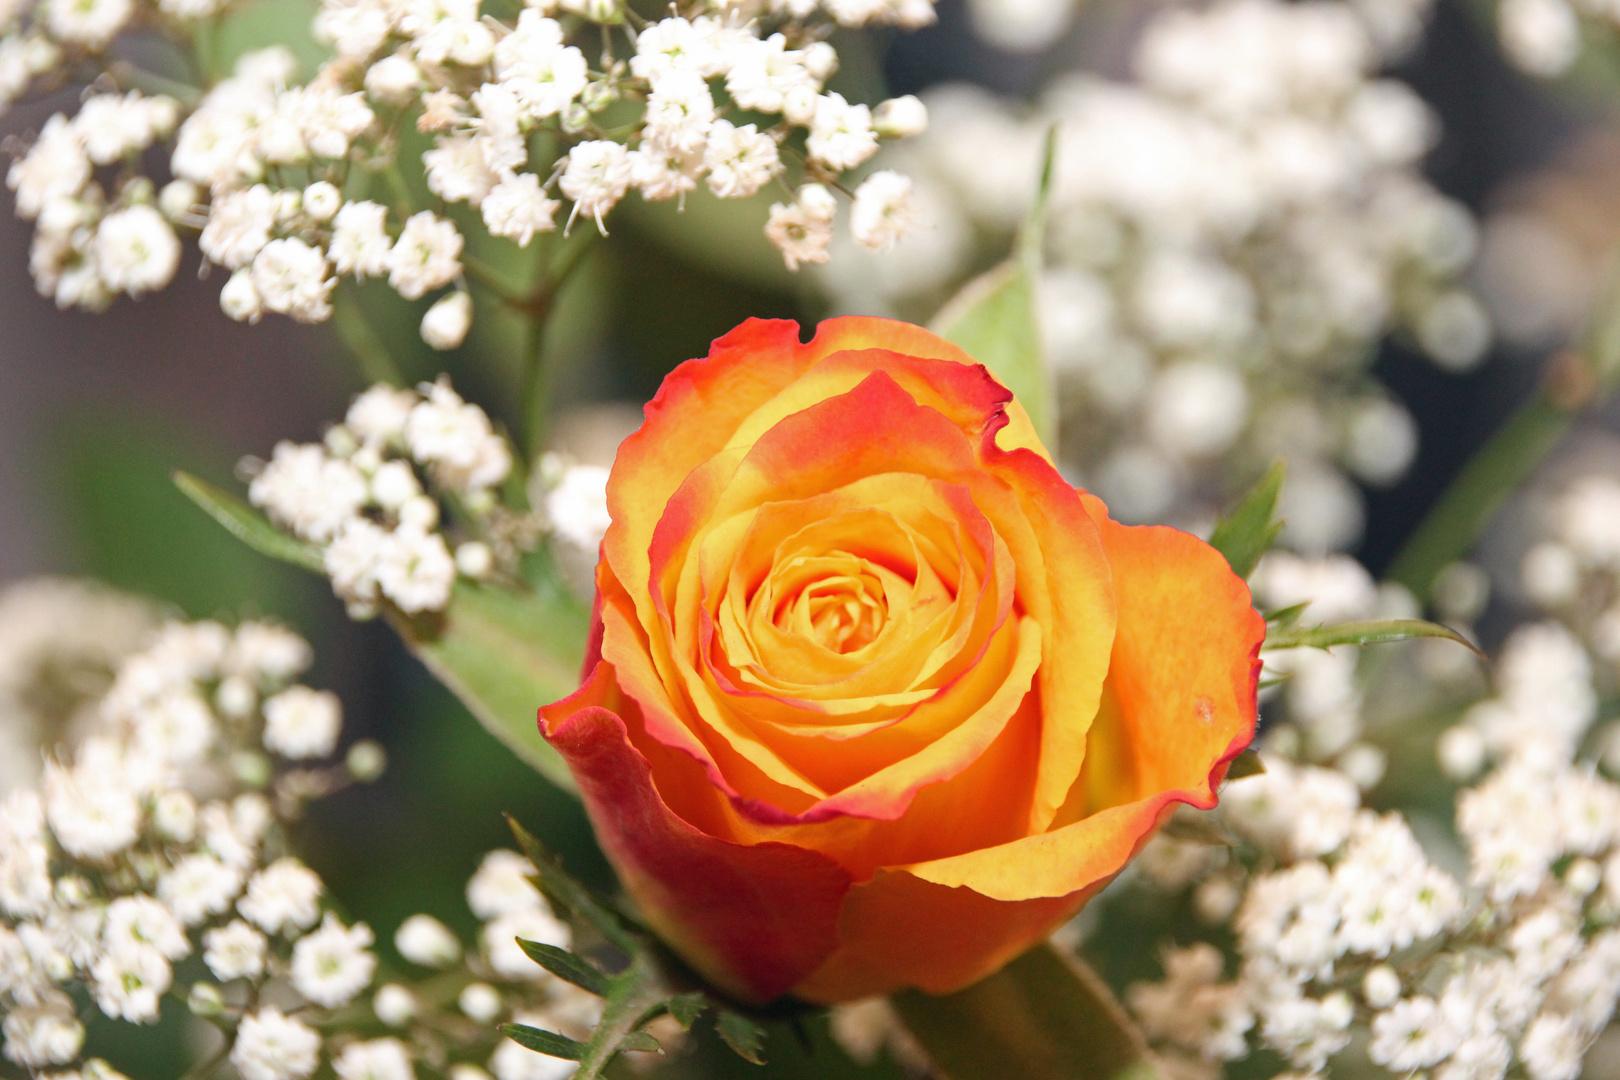 Gelb-Rote Rosenblüte im Schleierkraut